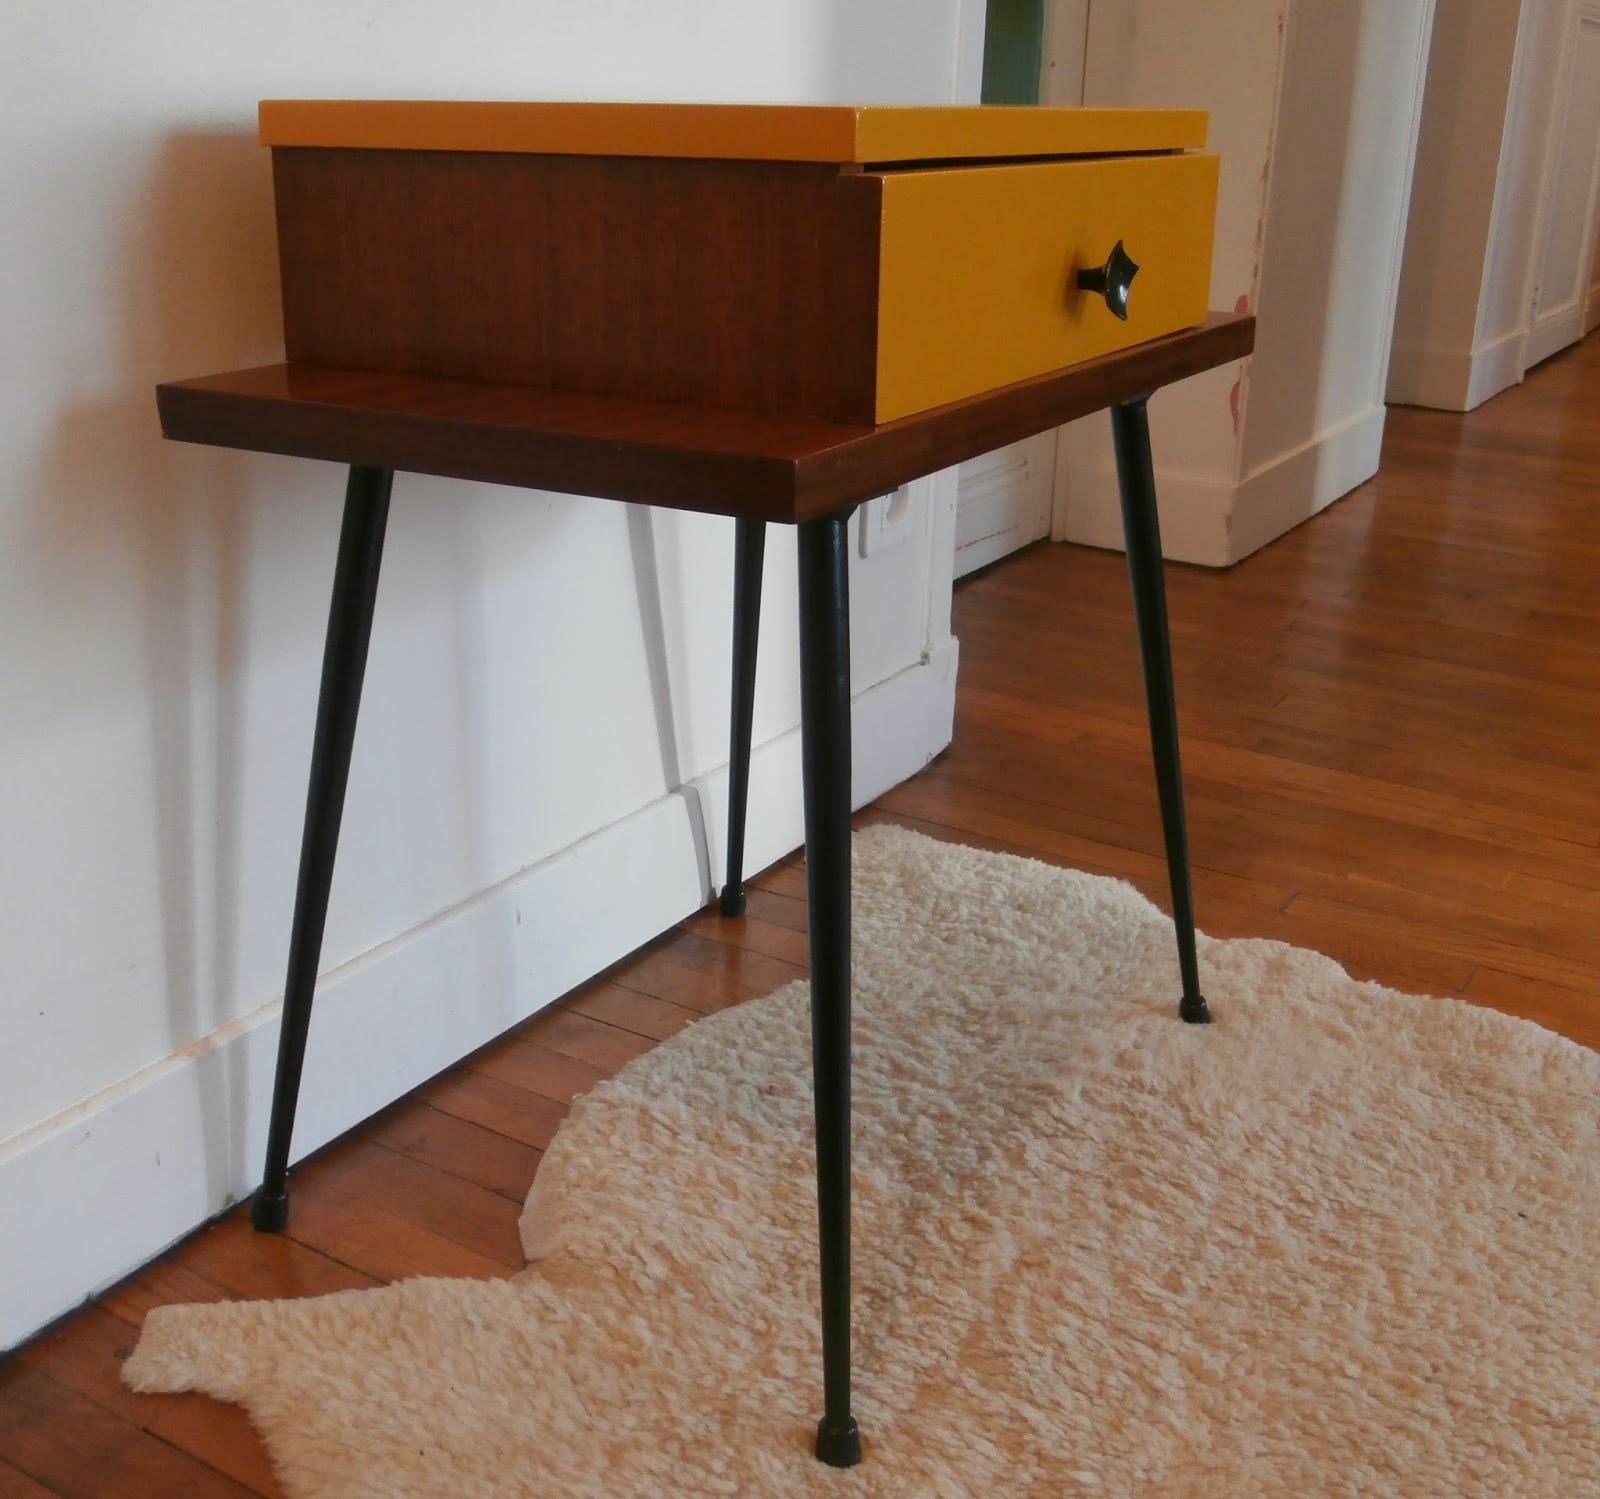 dur e de vie ind termin e table de chevet jaune pieds. Black Bedroom Furniture Sets. Home Design Ideas